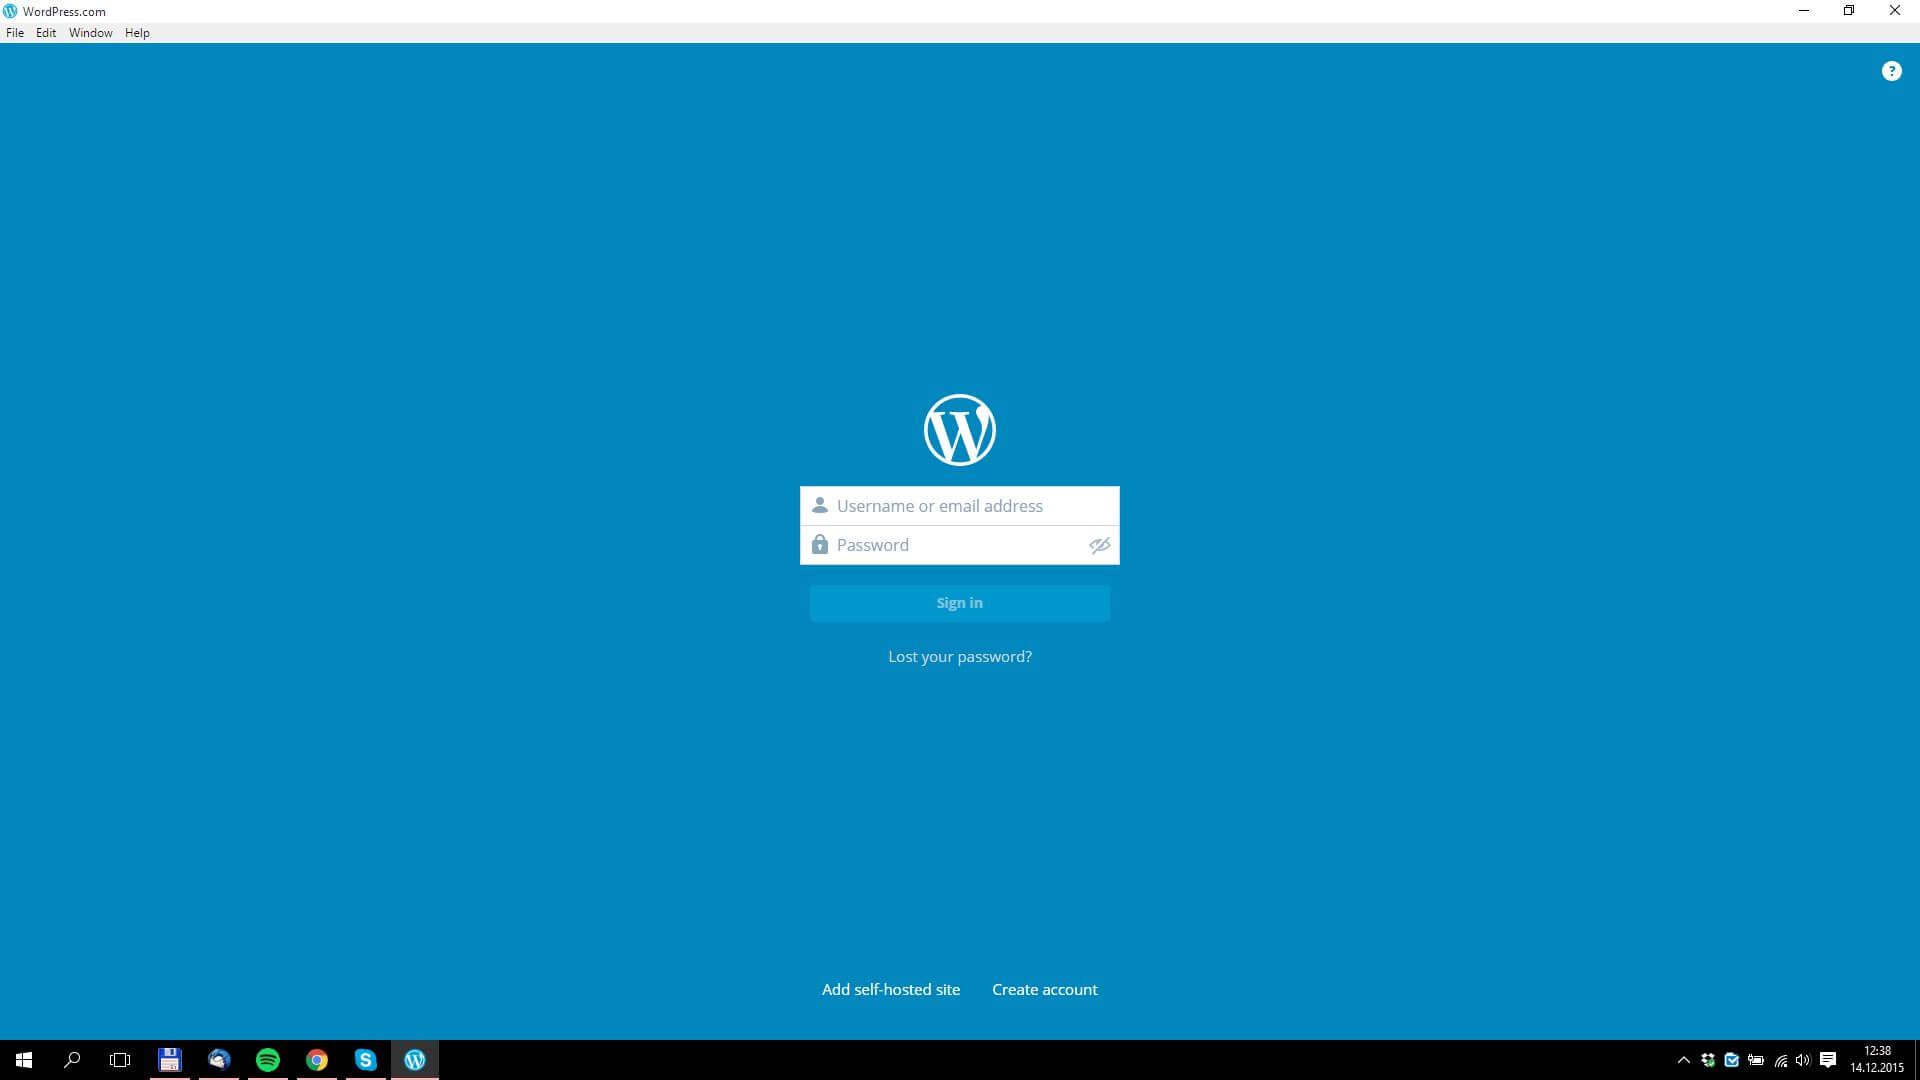 Přihlášení aplikace WordPress.com